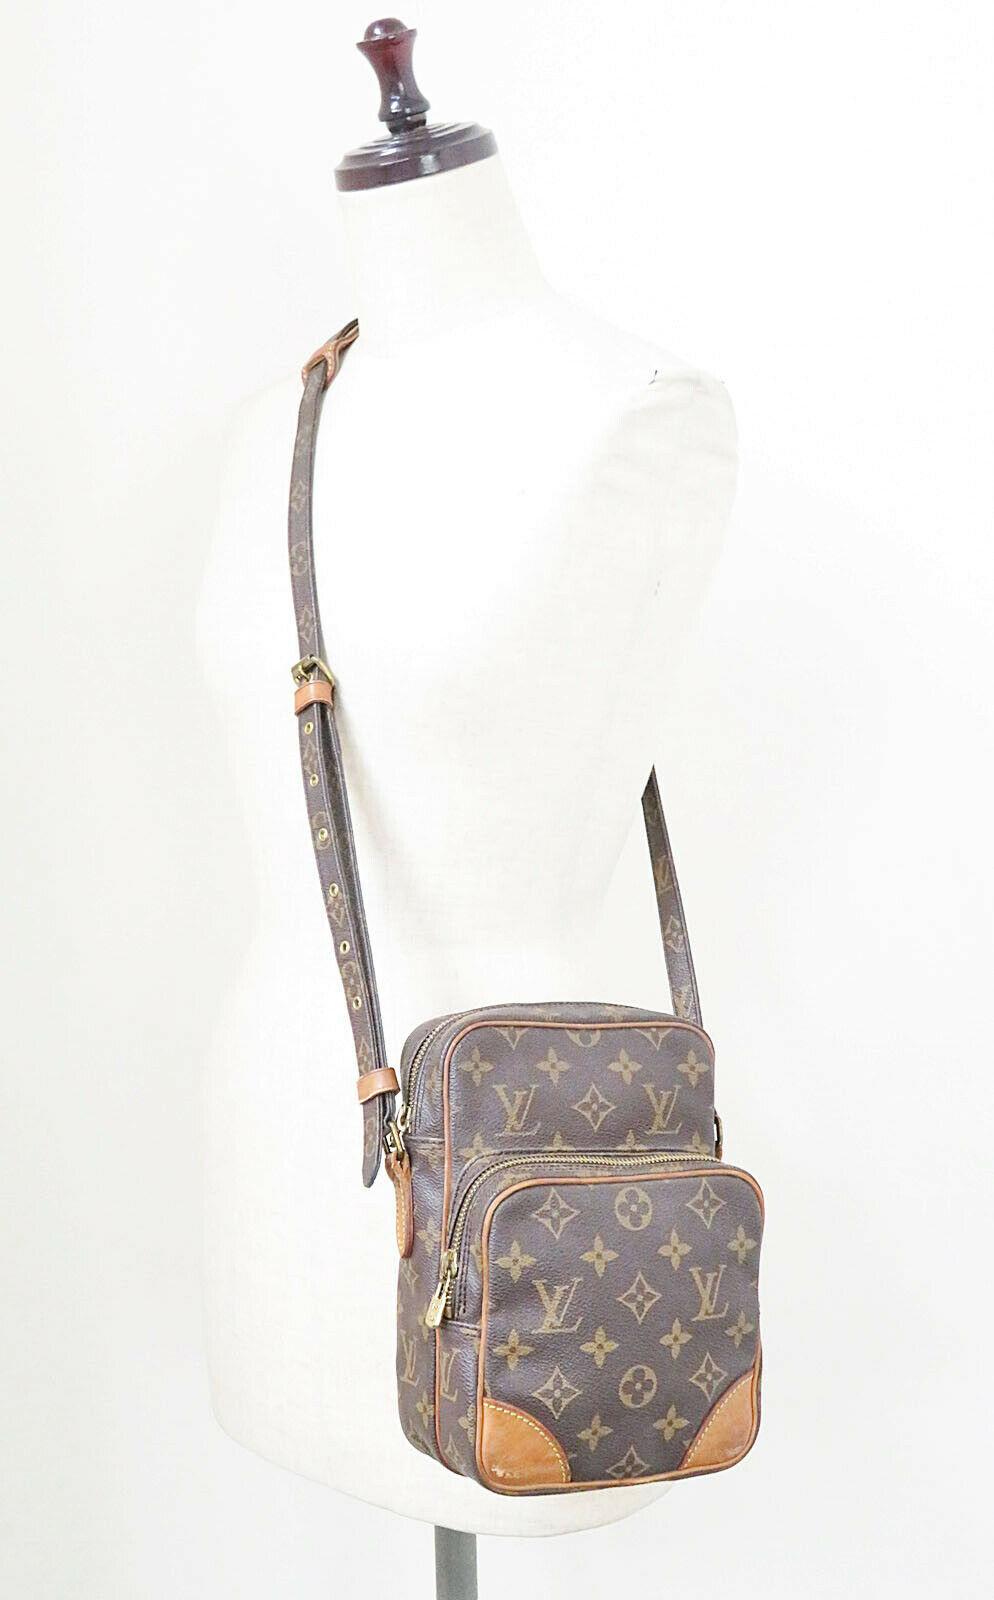 Authentic LOUIS VUITTON Amazone Monogram Cross body Shoulder Bag Purse #34636 image 2